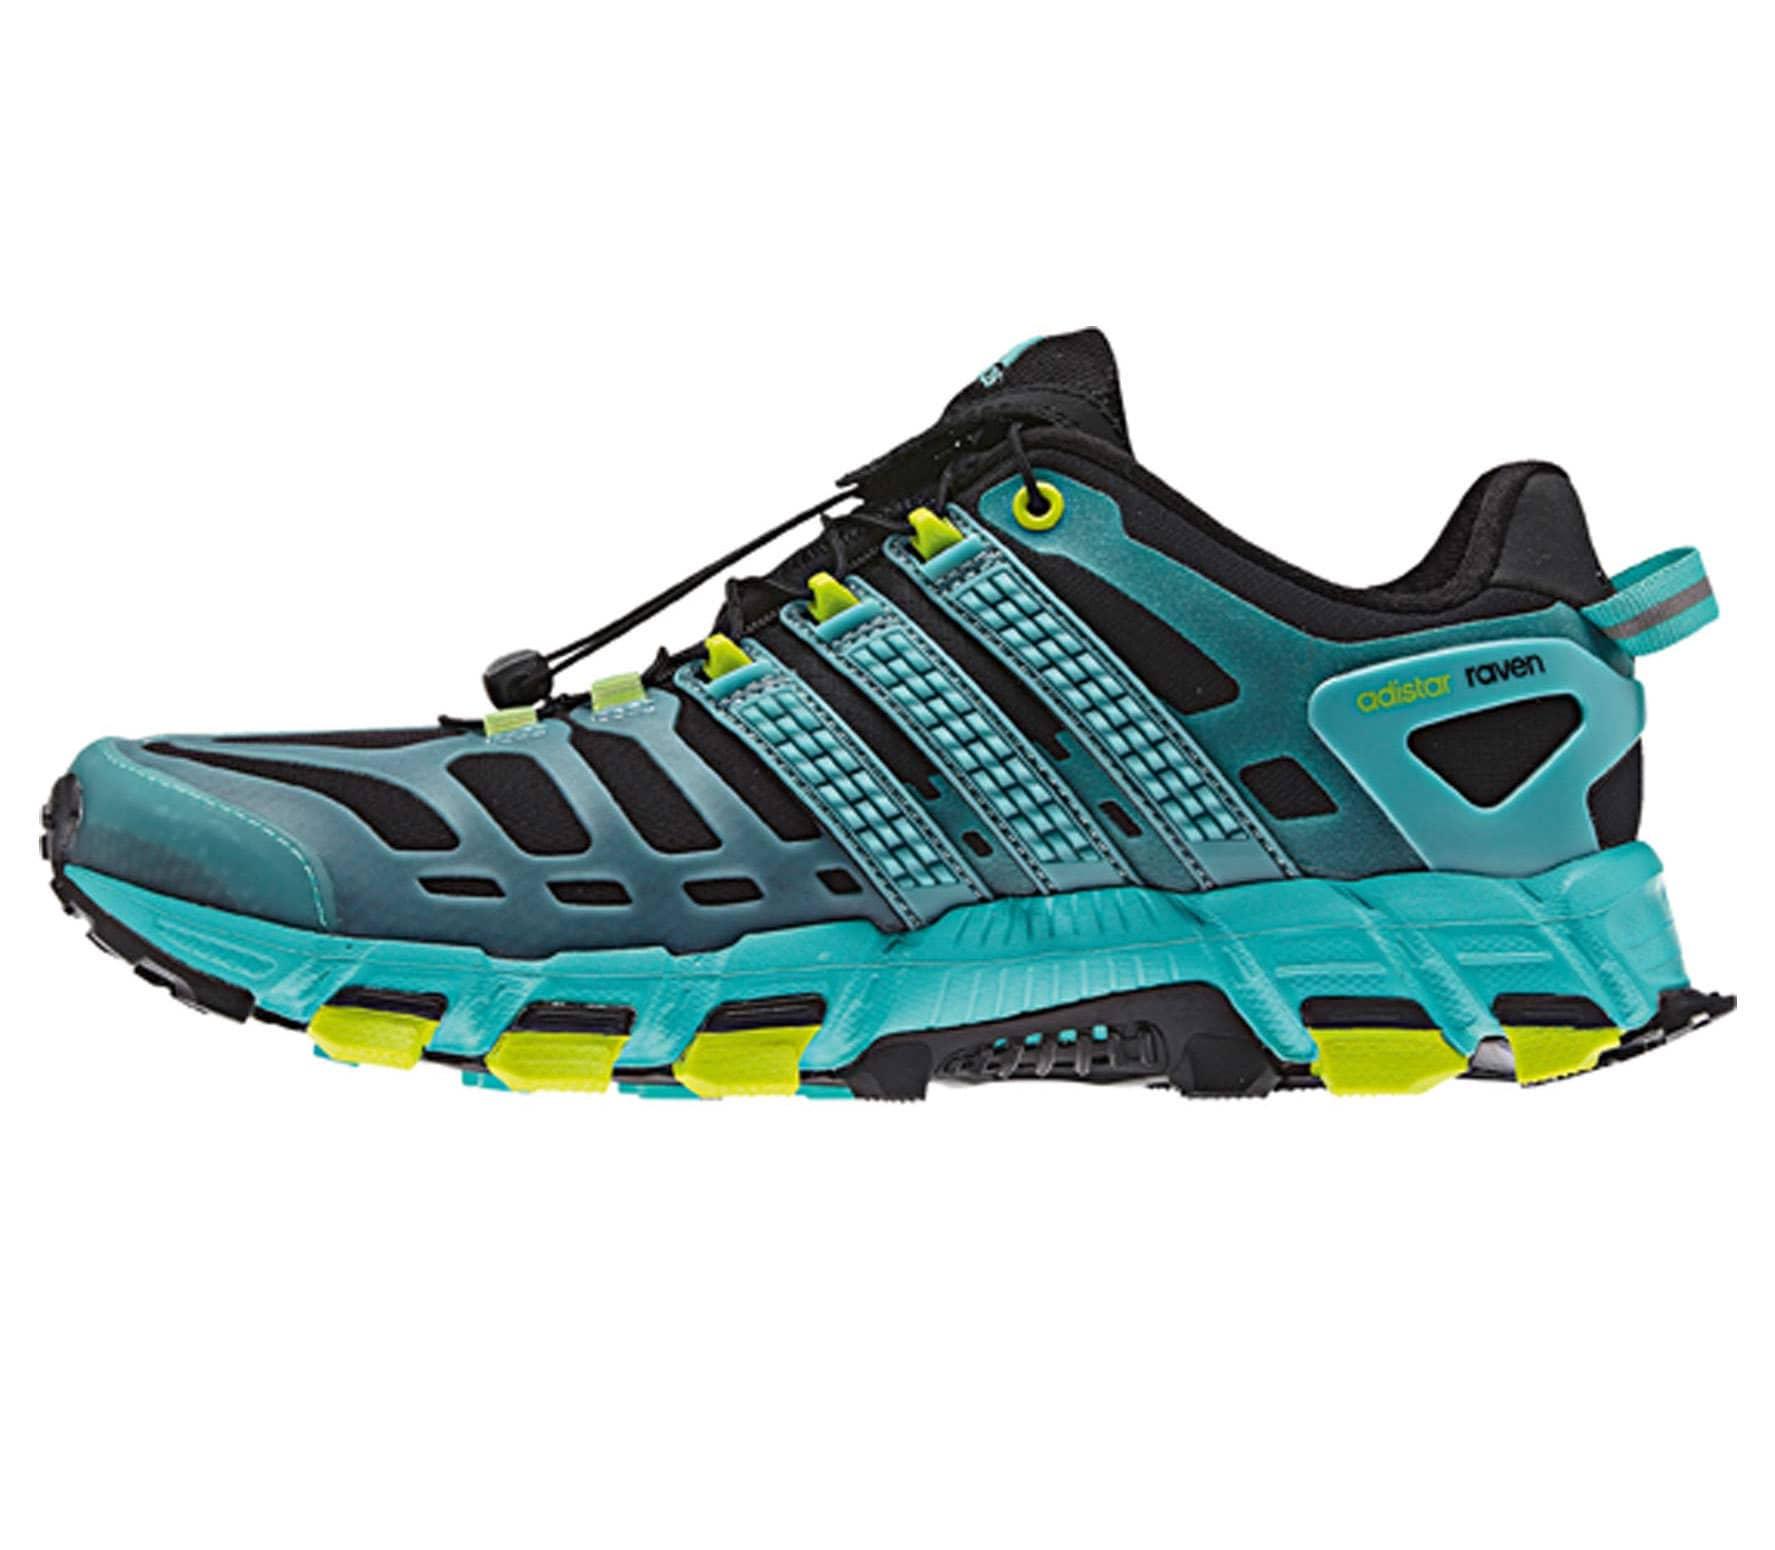 100% authentic 9e5db 20cd0 Adidas - Adistar Raven 3 Femmes chaussure de course (noirmint)